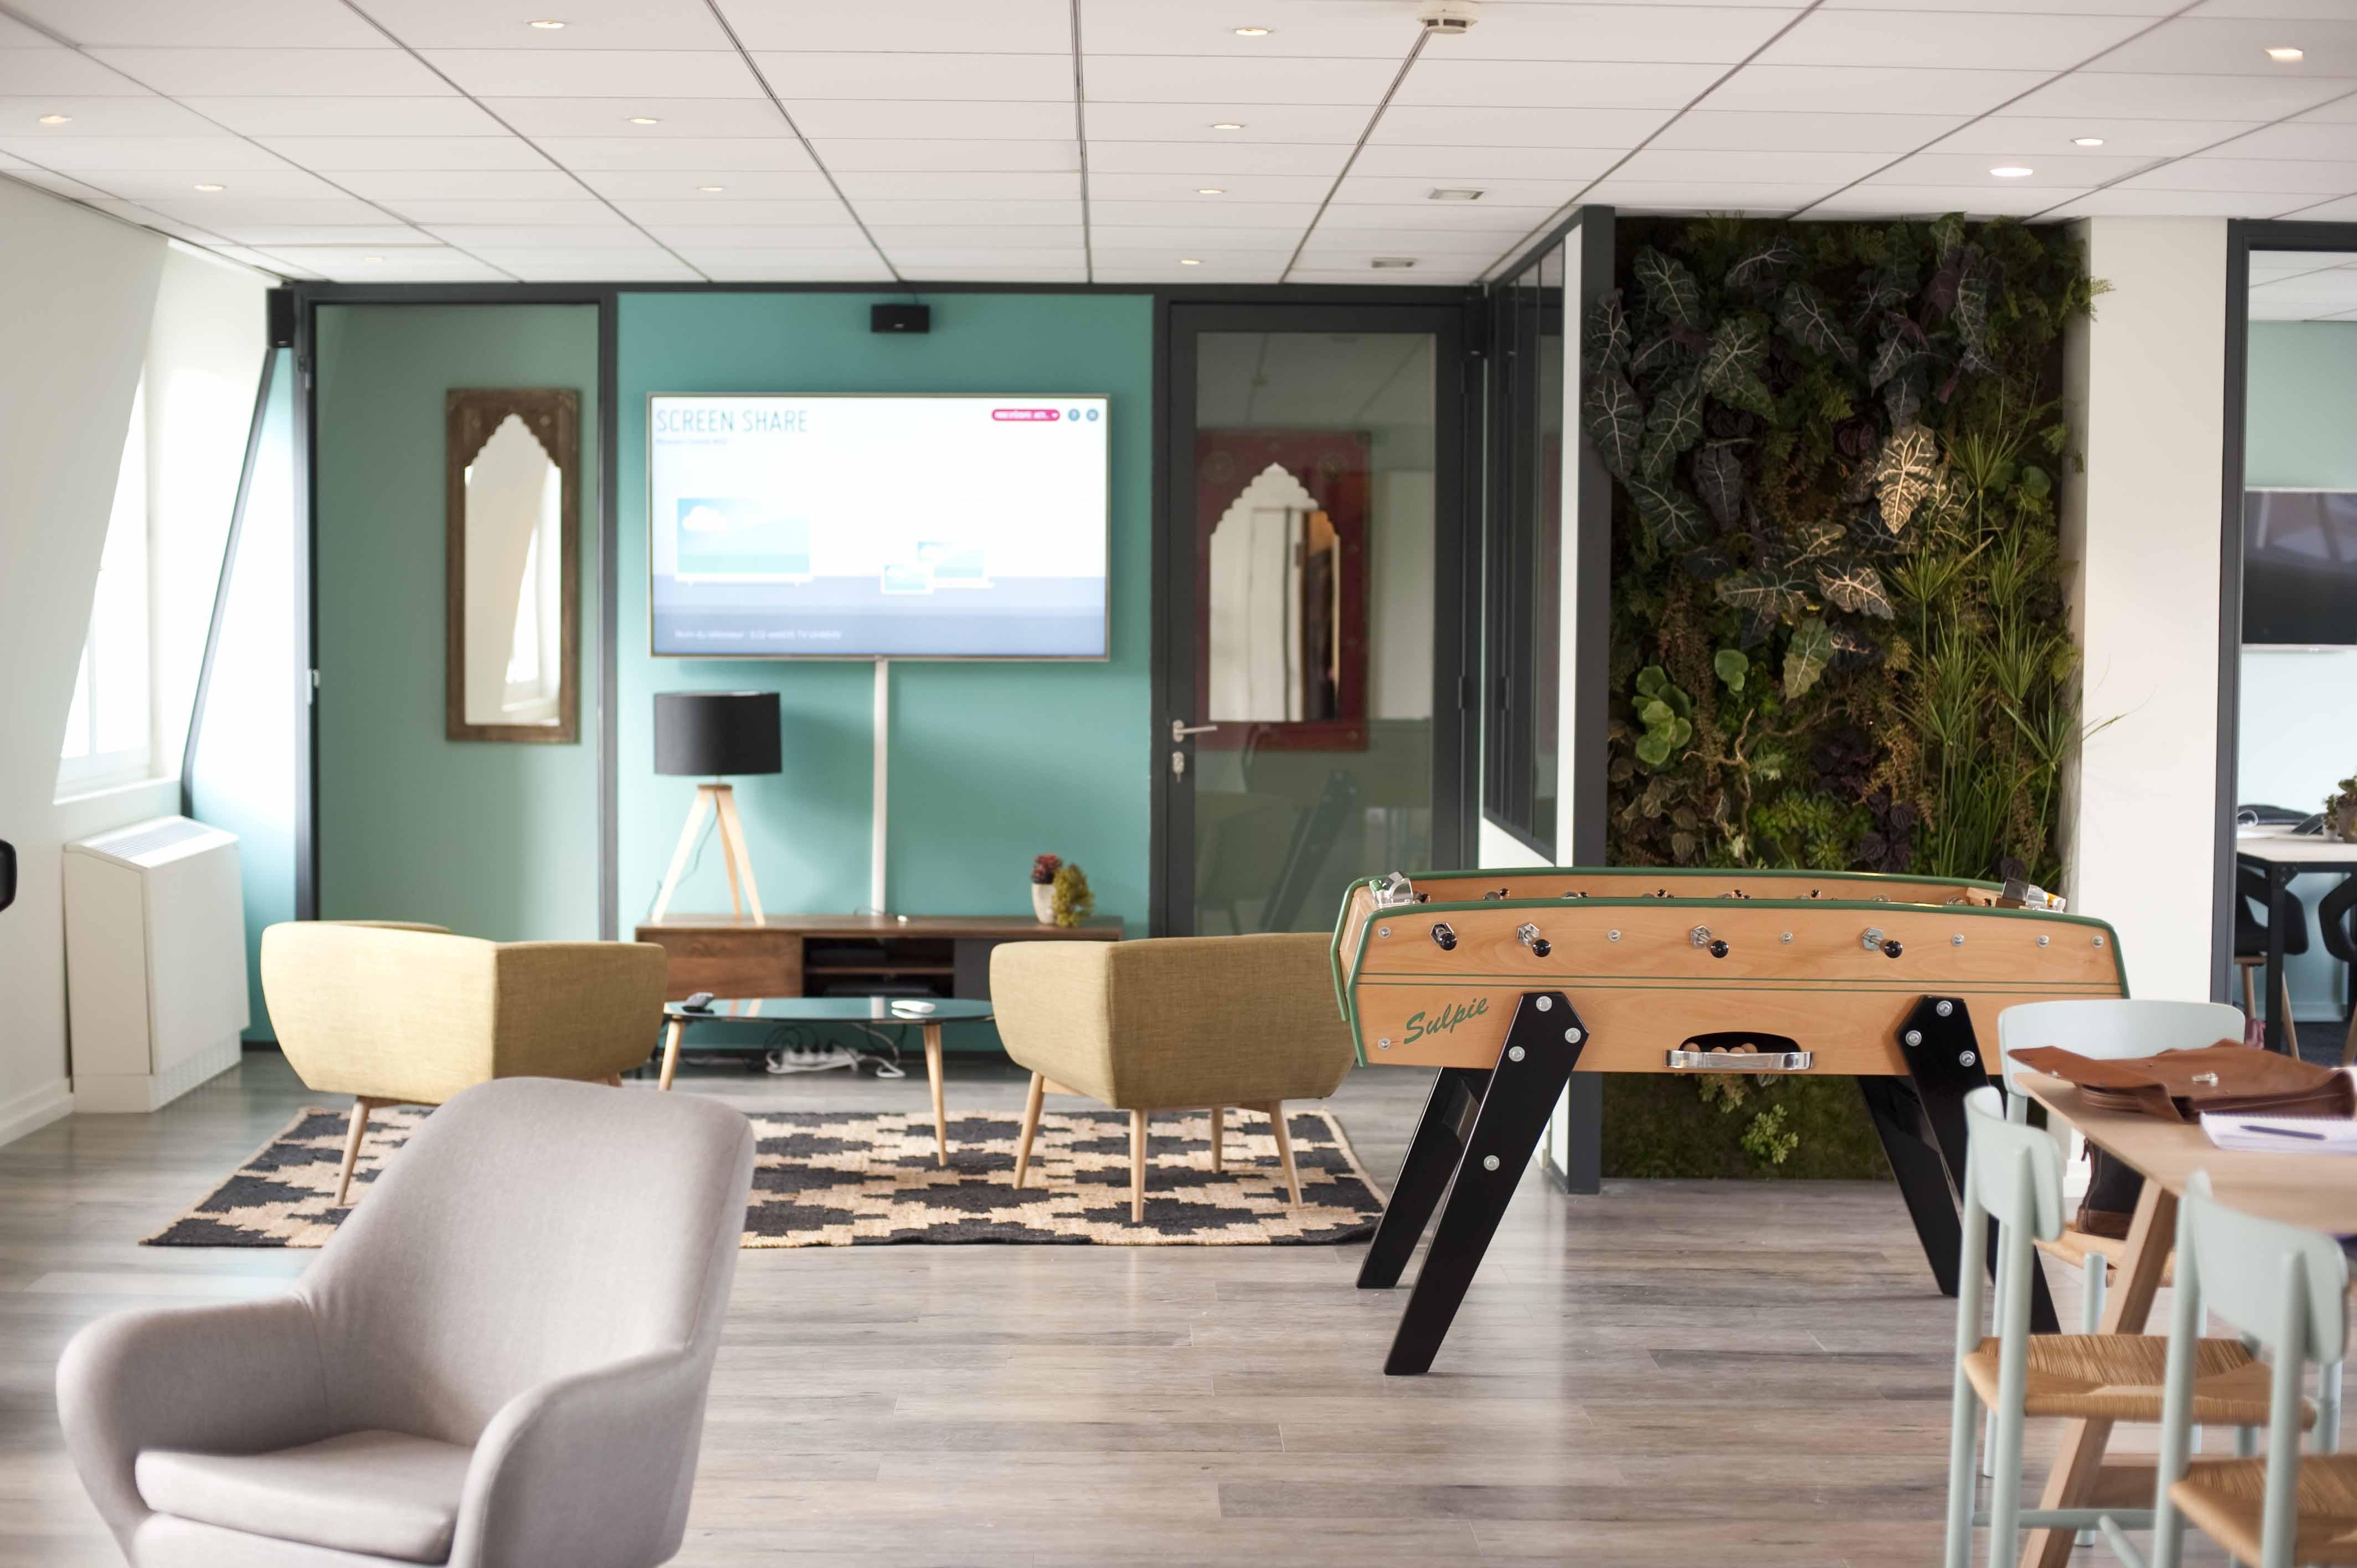 le babyfoot le nouvel atout des entreprises. Black Bedroom Furniture Sets. Home Design Ideas